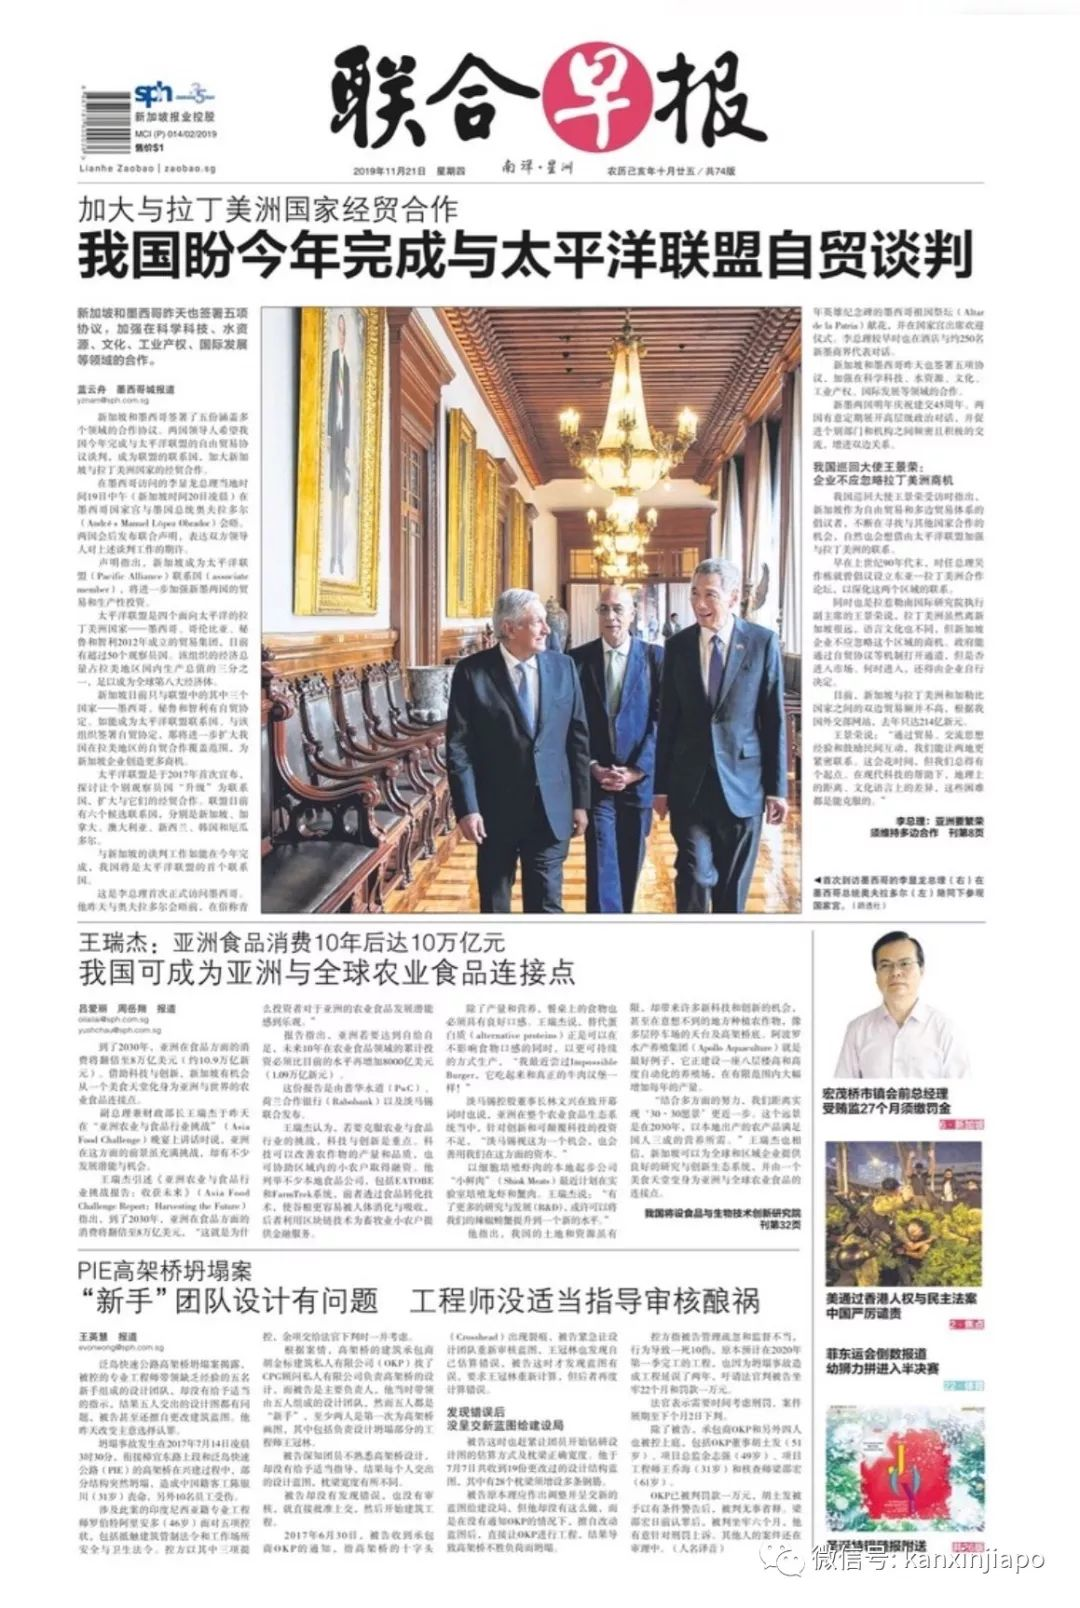 华文社交媒体(海外)影响力,两家新加坡媒体入围前十!